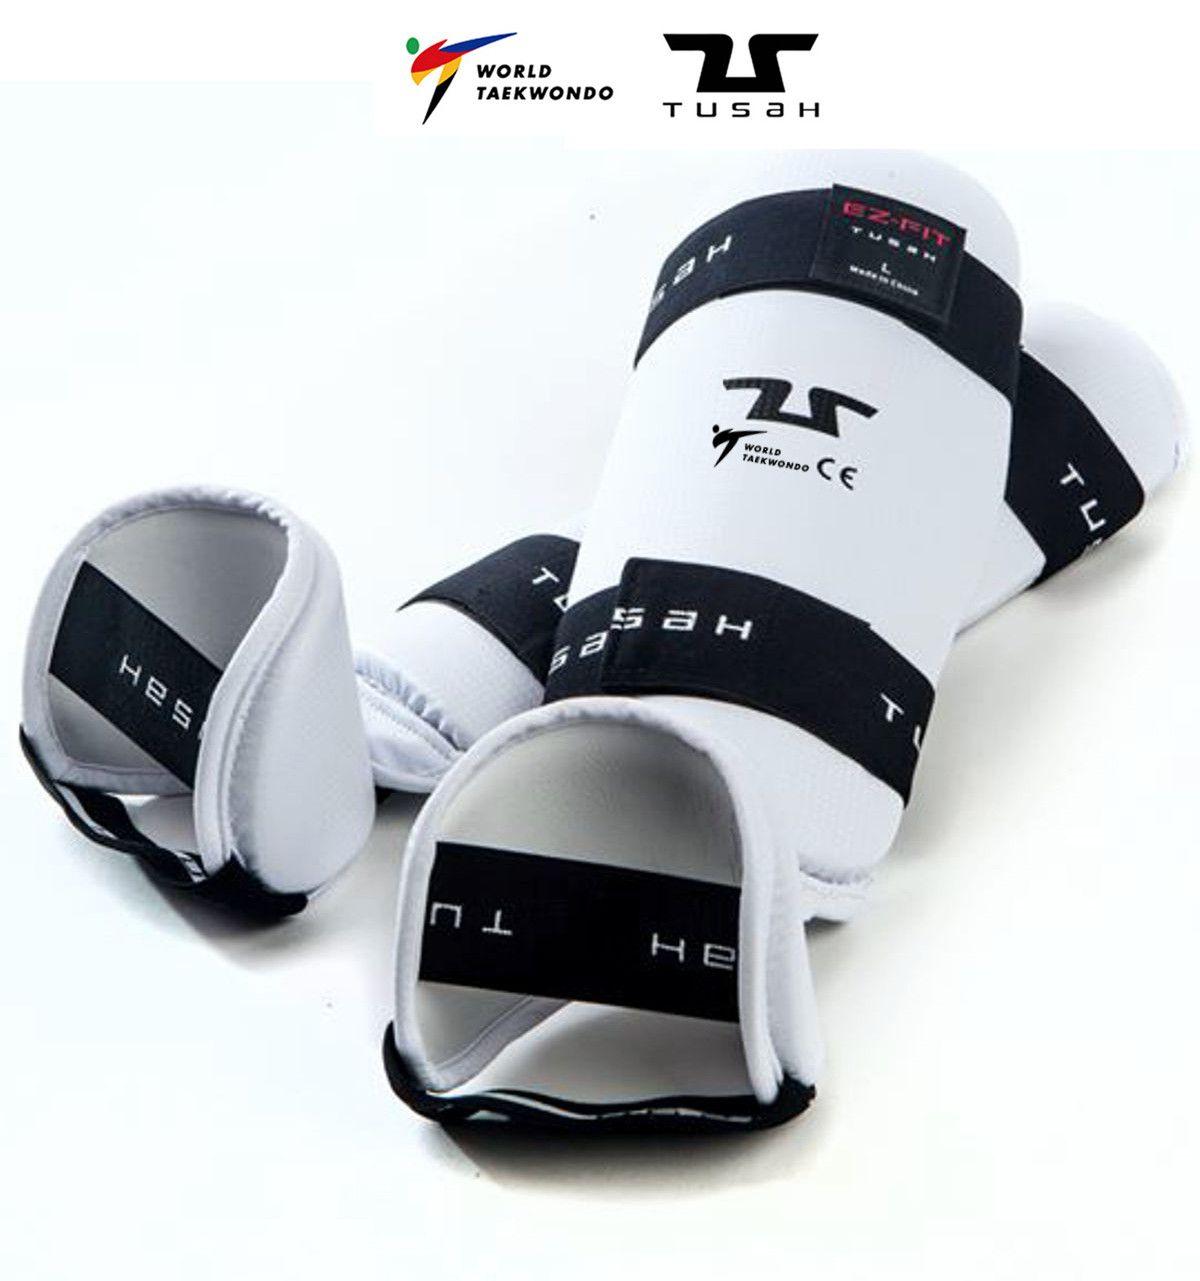 Paratibia con piede Removibile Tusah per Taekwondo Omologato WT WTF Protezione tibia